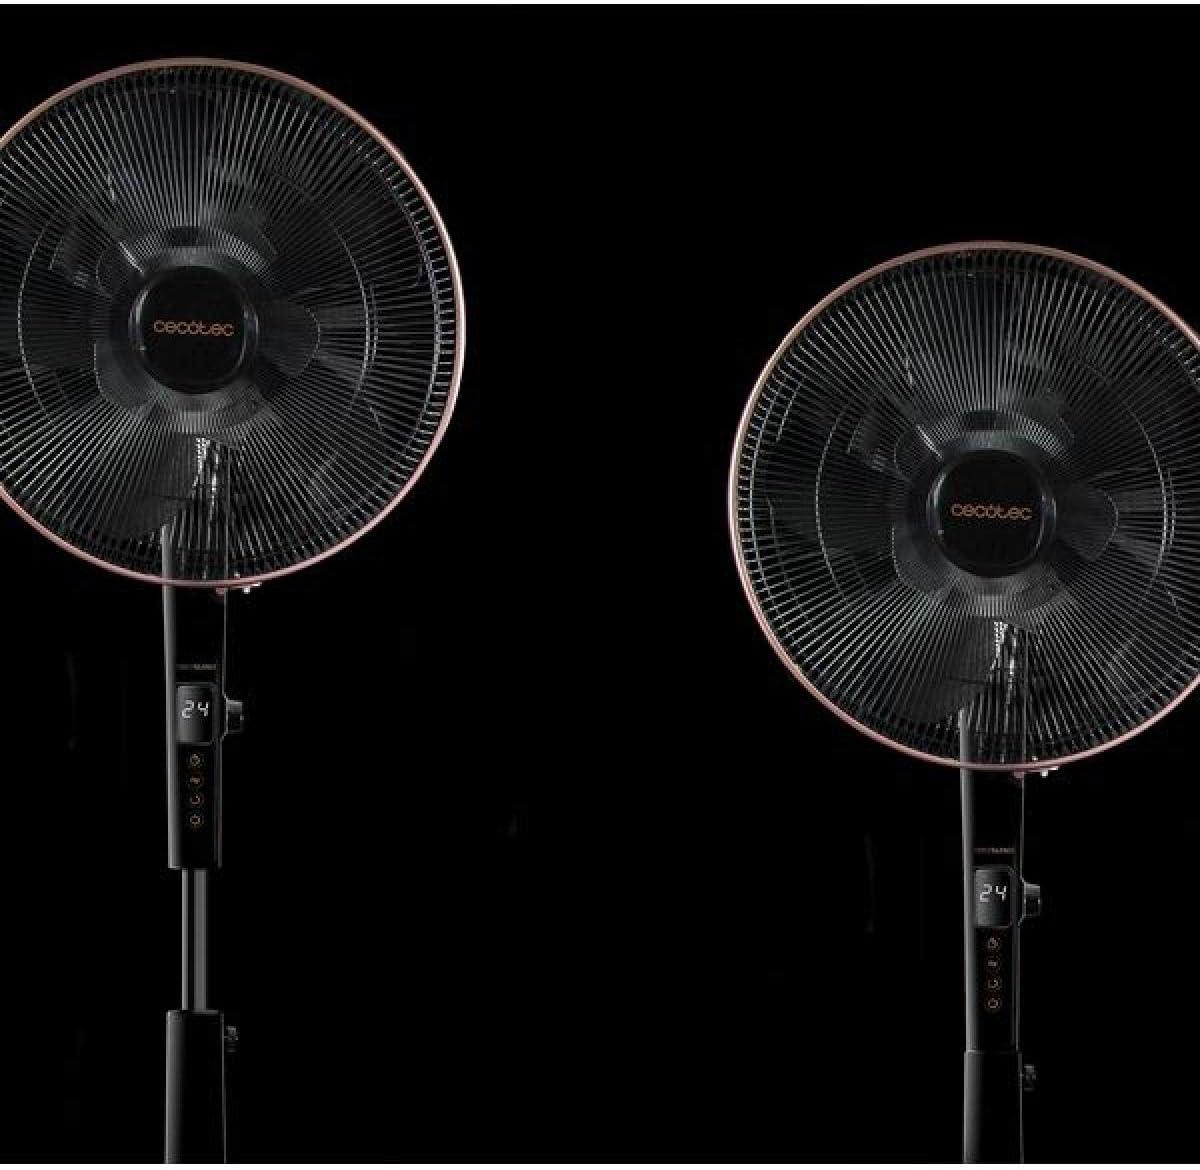 Minuterie de 15 heures T/él/écommande sans Fil 40 cm 60 W. de Diam/ètre 10 Pales de 16 Moteur en Cuivre Cecotec Ventilateur sur Pied ForceSilence 1010 ExtremConnected Oscillant 6 vitesses